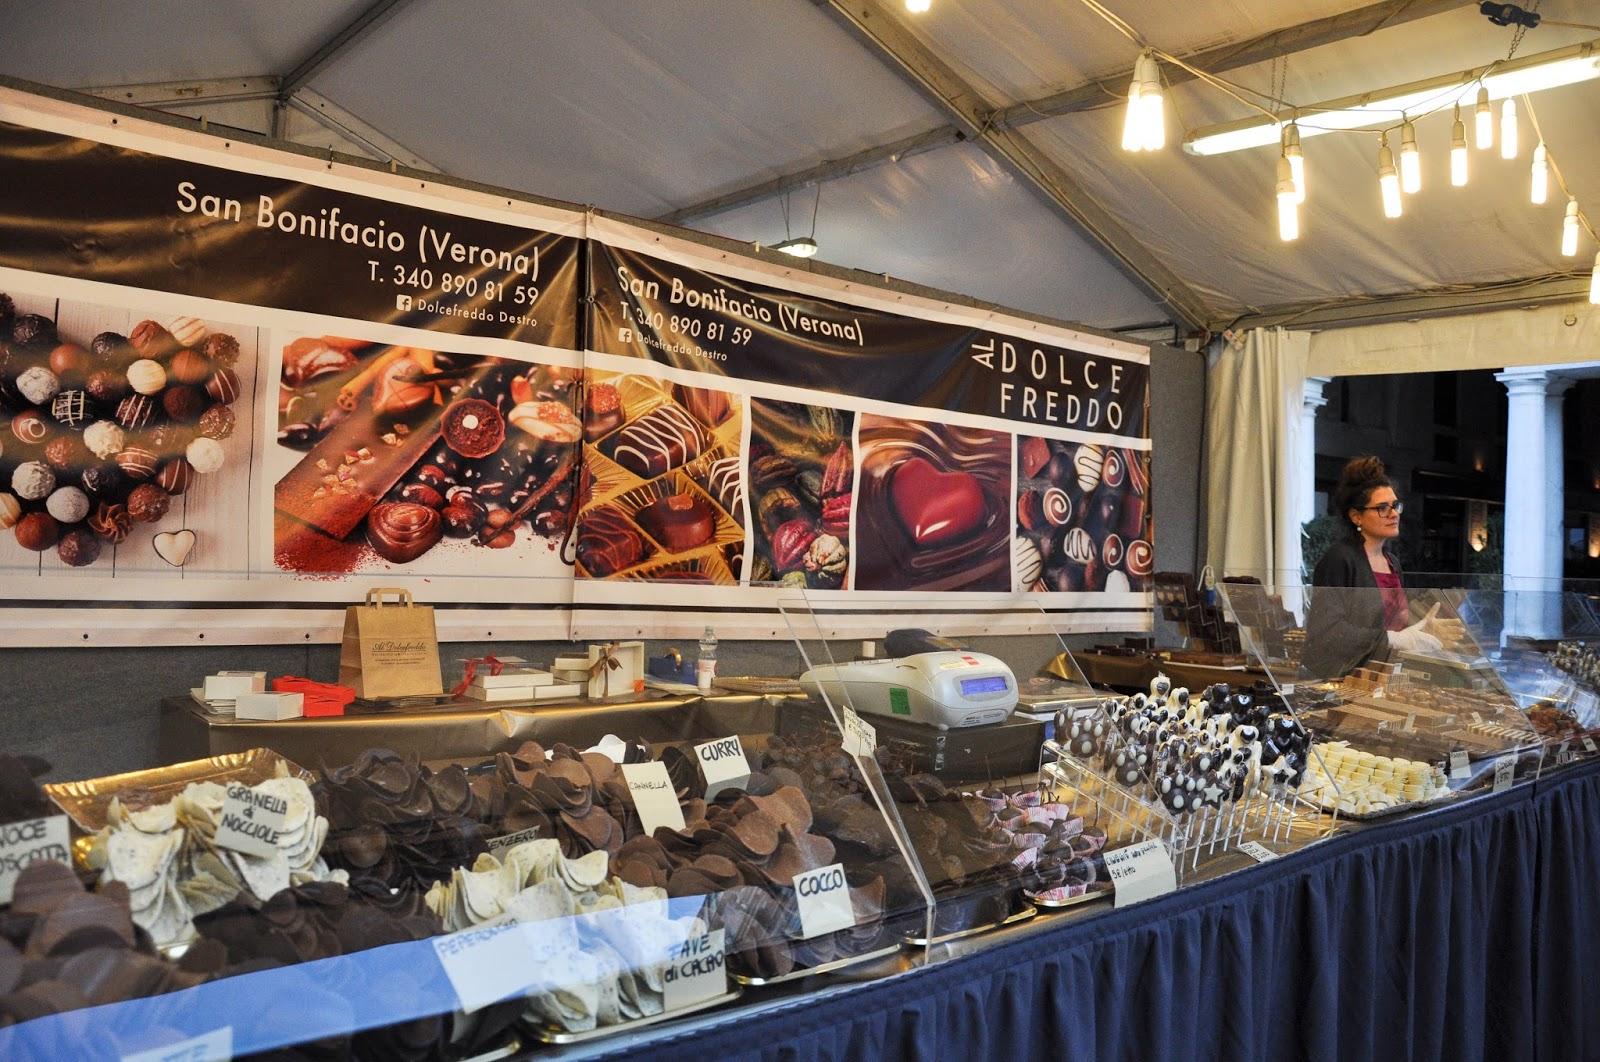 A chocolate maker stall, Chocolate Festival, Piazza dei Signori, Vicenza, Veneto, Italy